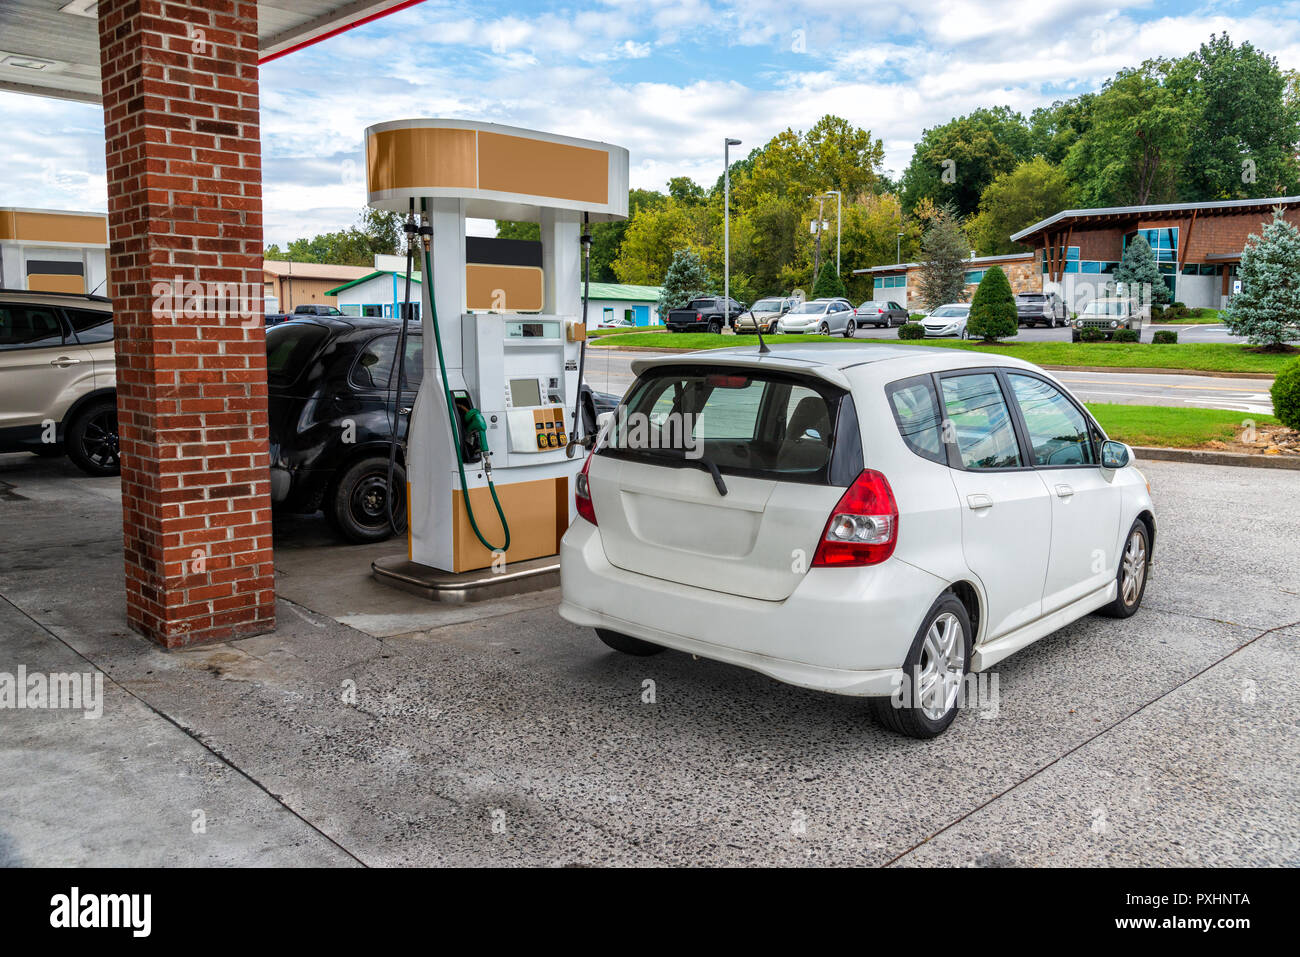 Inquadratura orizzontale di una generica macchina compatta di acquistare la benzina in corrispondenza di un generico Convenience Store. Tutte le marcature visibili e segni sono stati rimossi. Immagini Stock